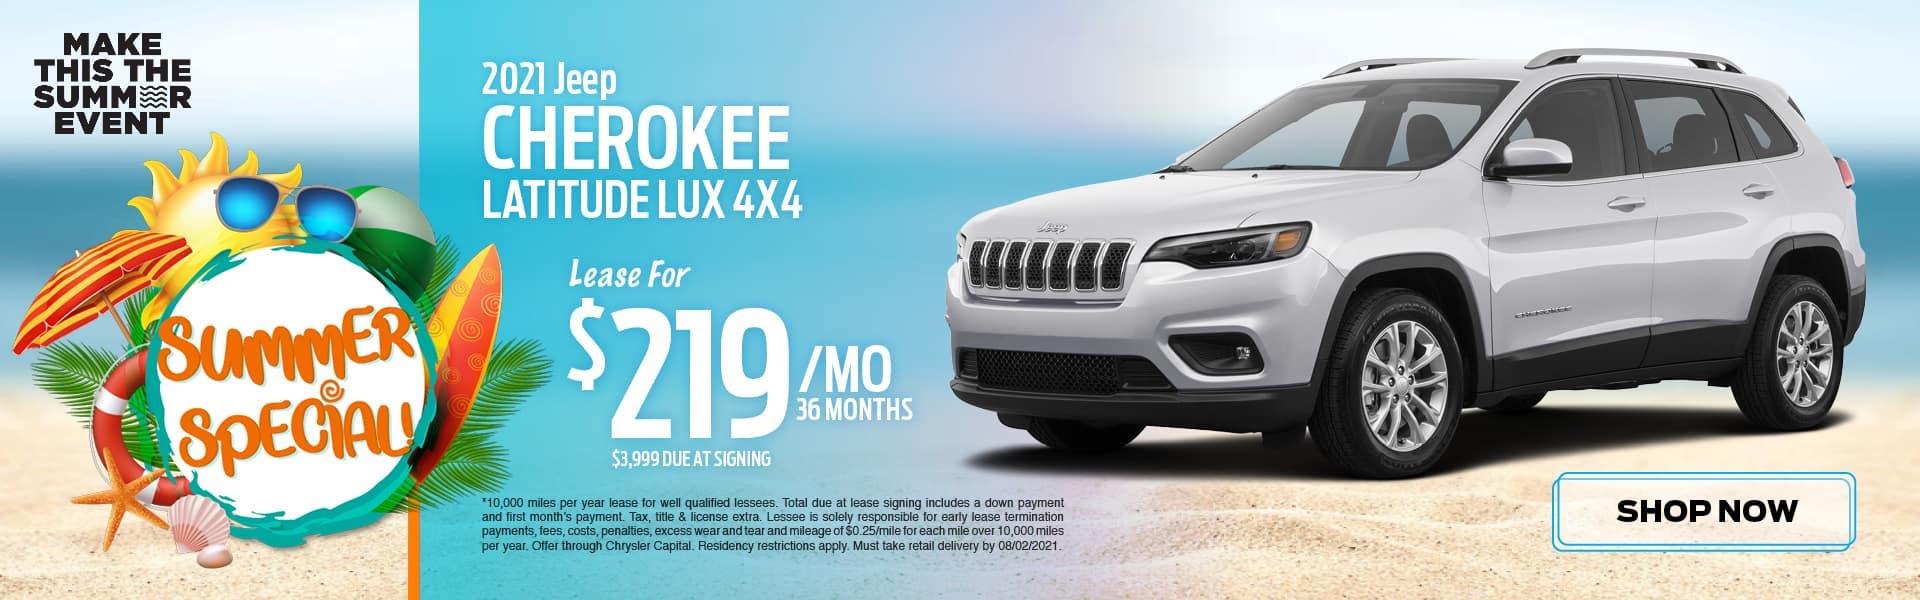 2021 Jeep Cherokee Latitude LUX 4x4